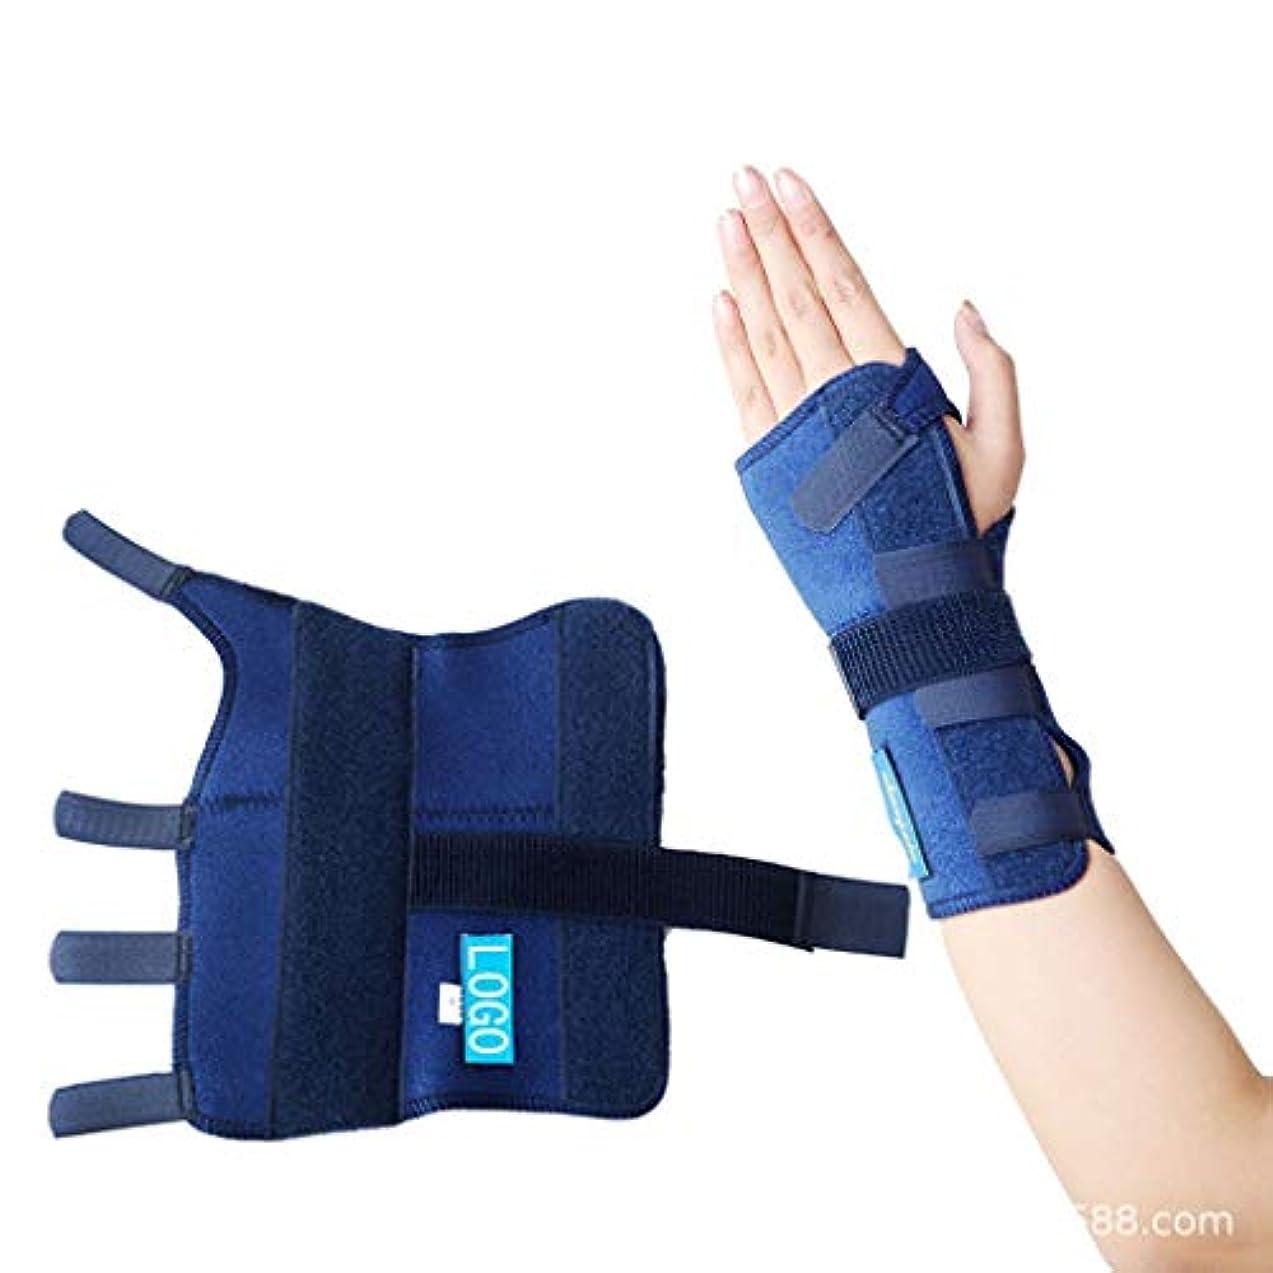 先行する挨拶レリーフブレースコレクター親指手首傷害回復スプリント指セパレーター手矯正手根管関節痛リリーフコレクター指スプリント,Bluerighthand,XL